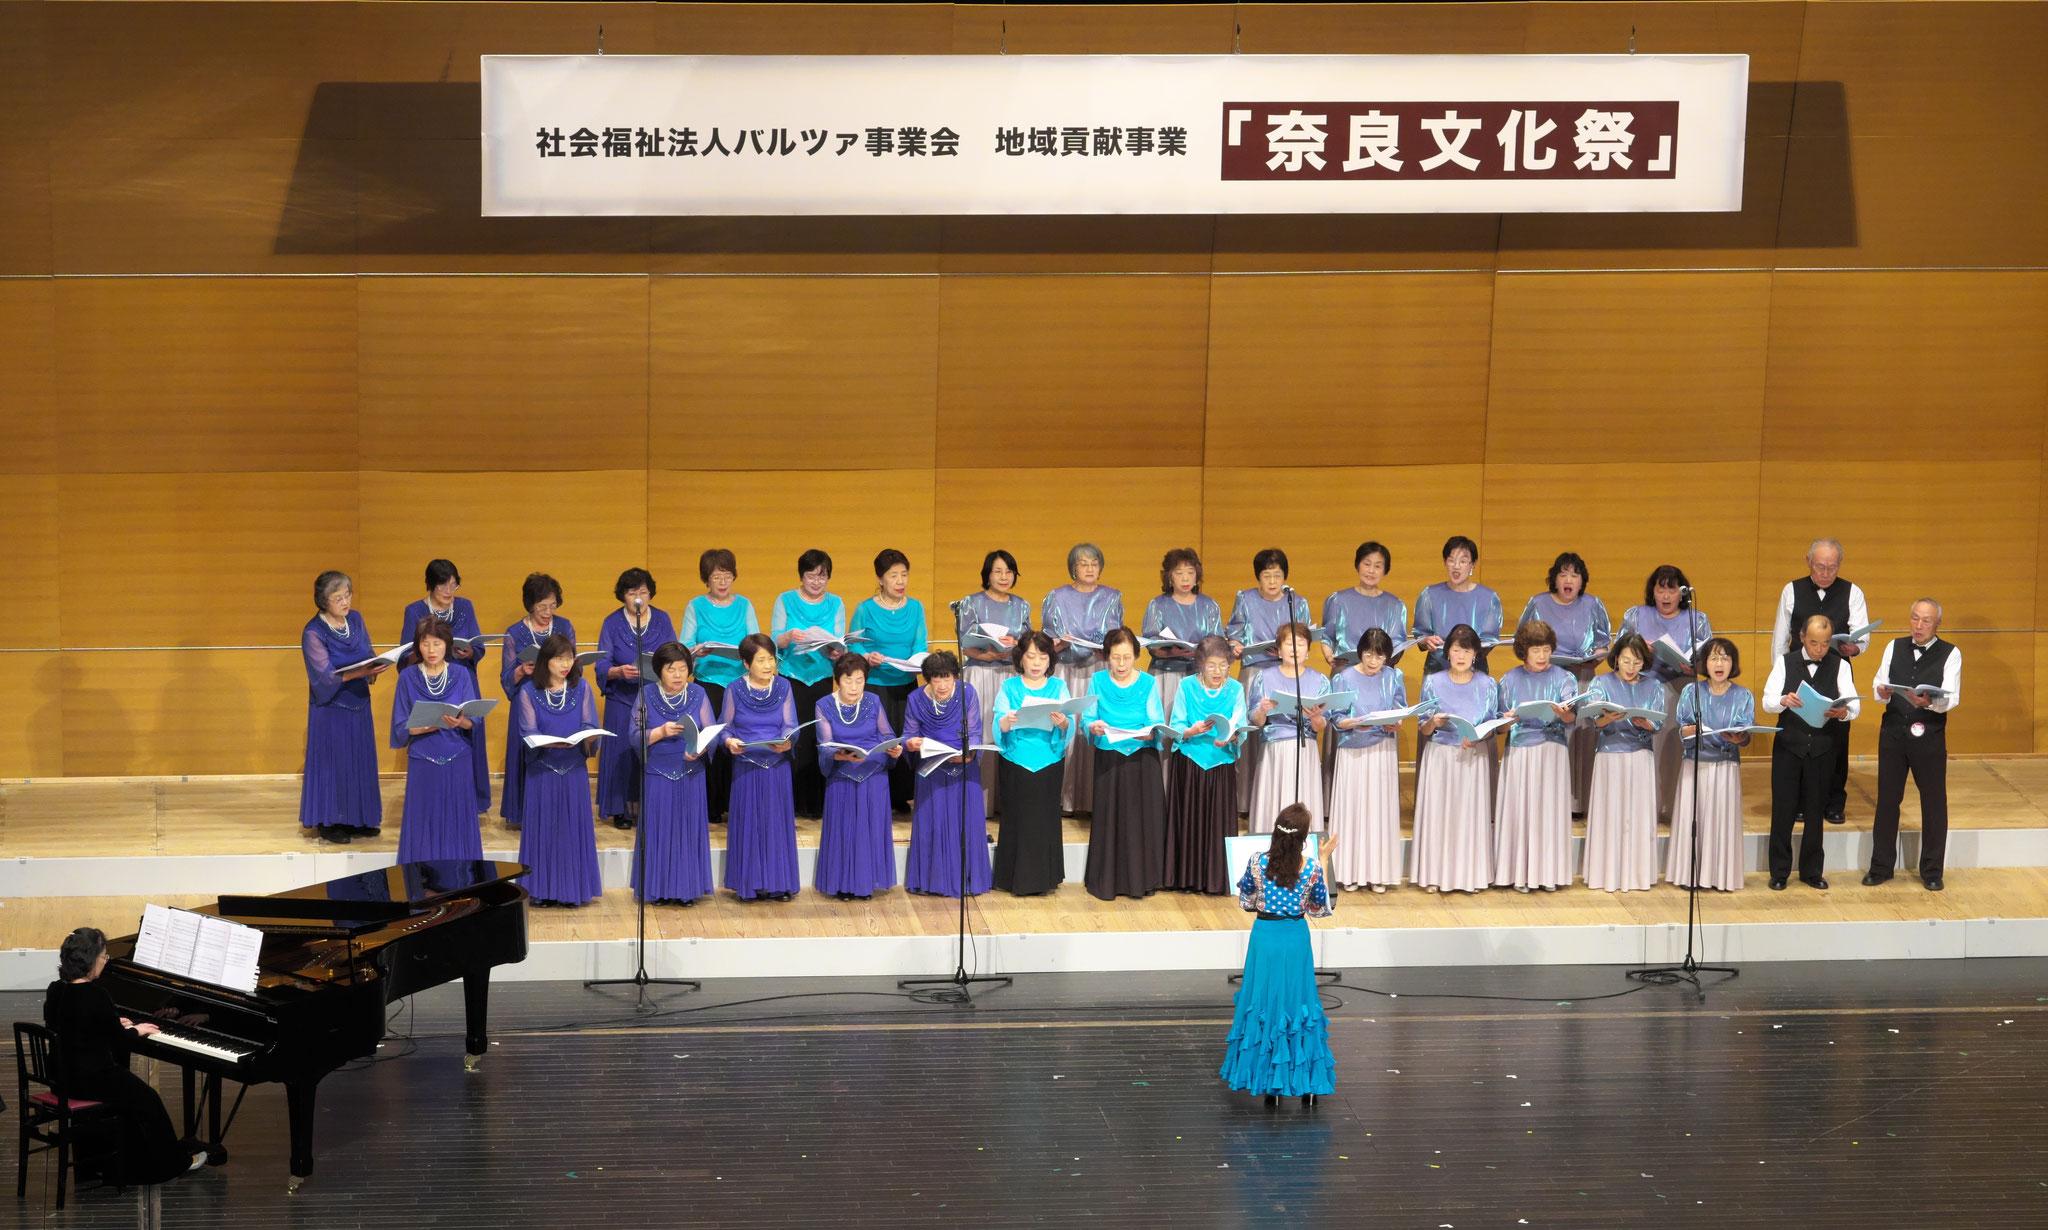 合唱 オペラレミューズ合唱団